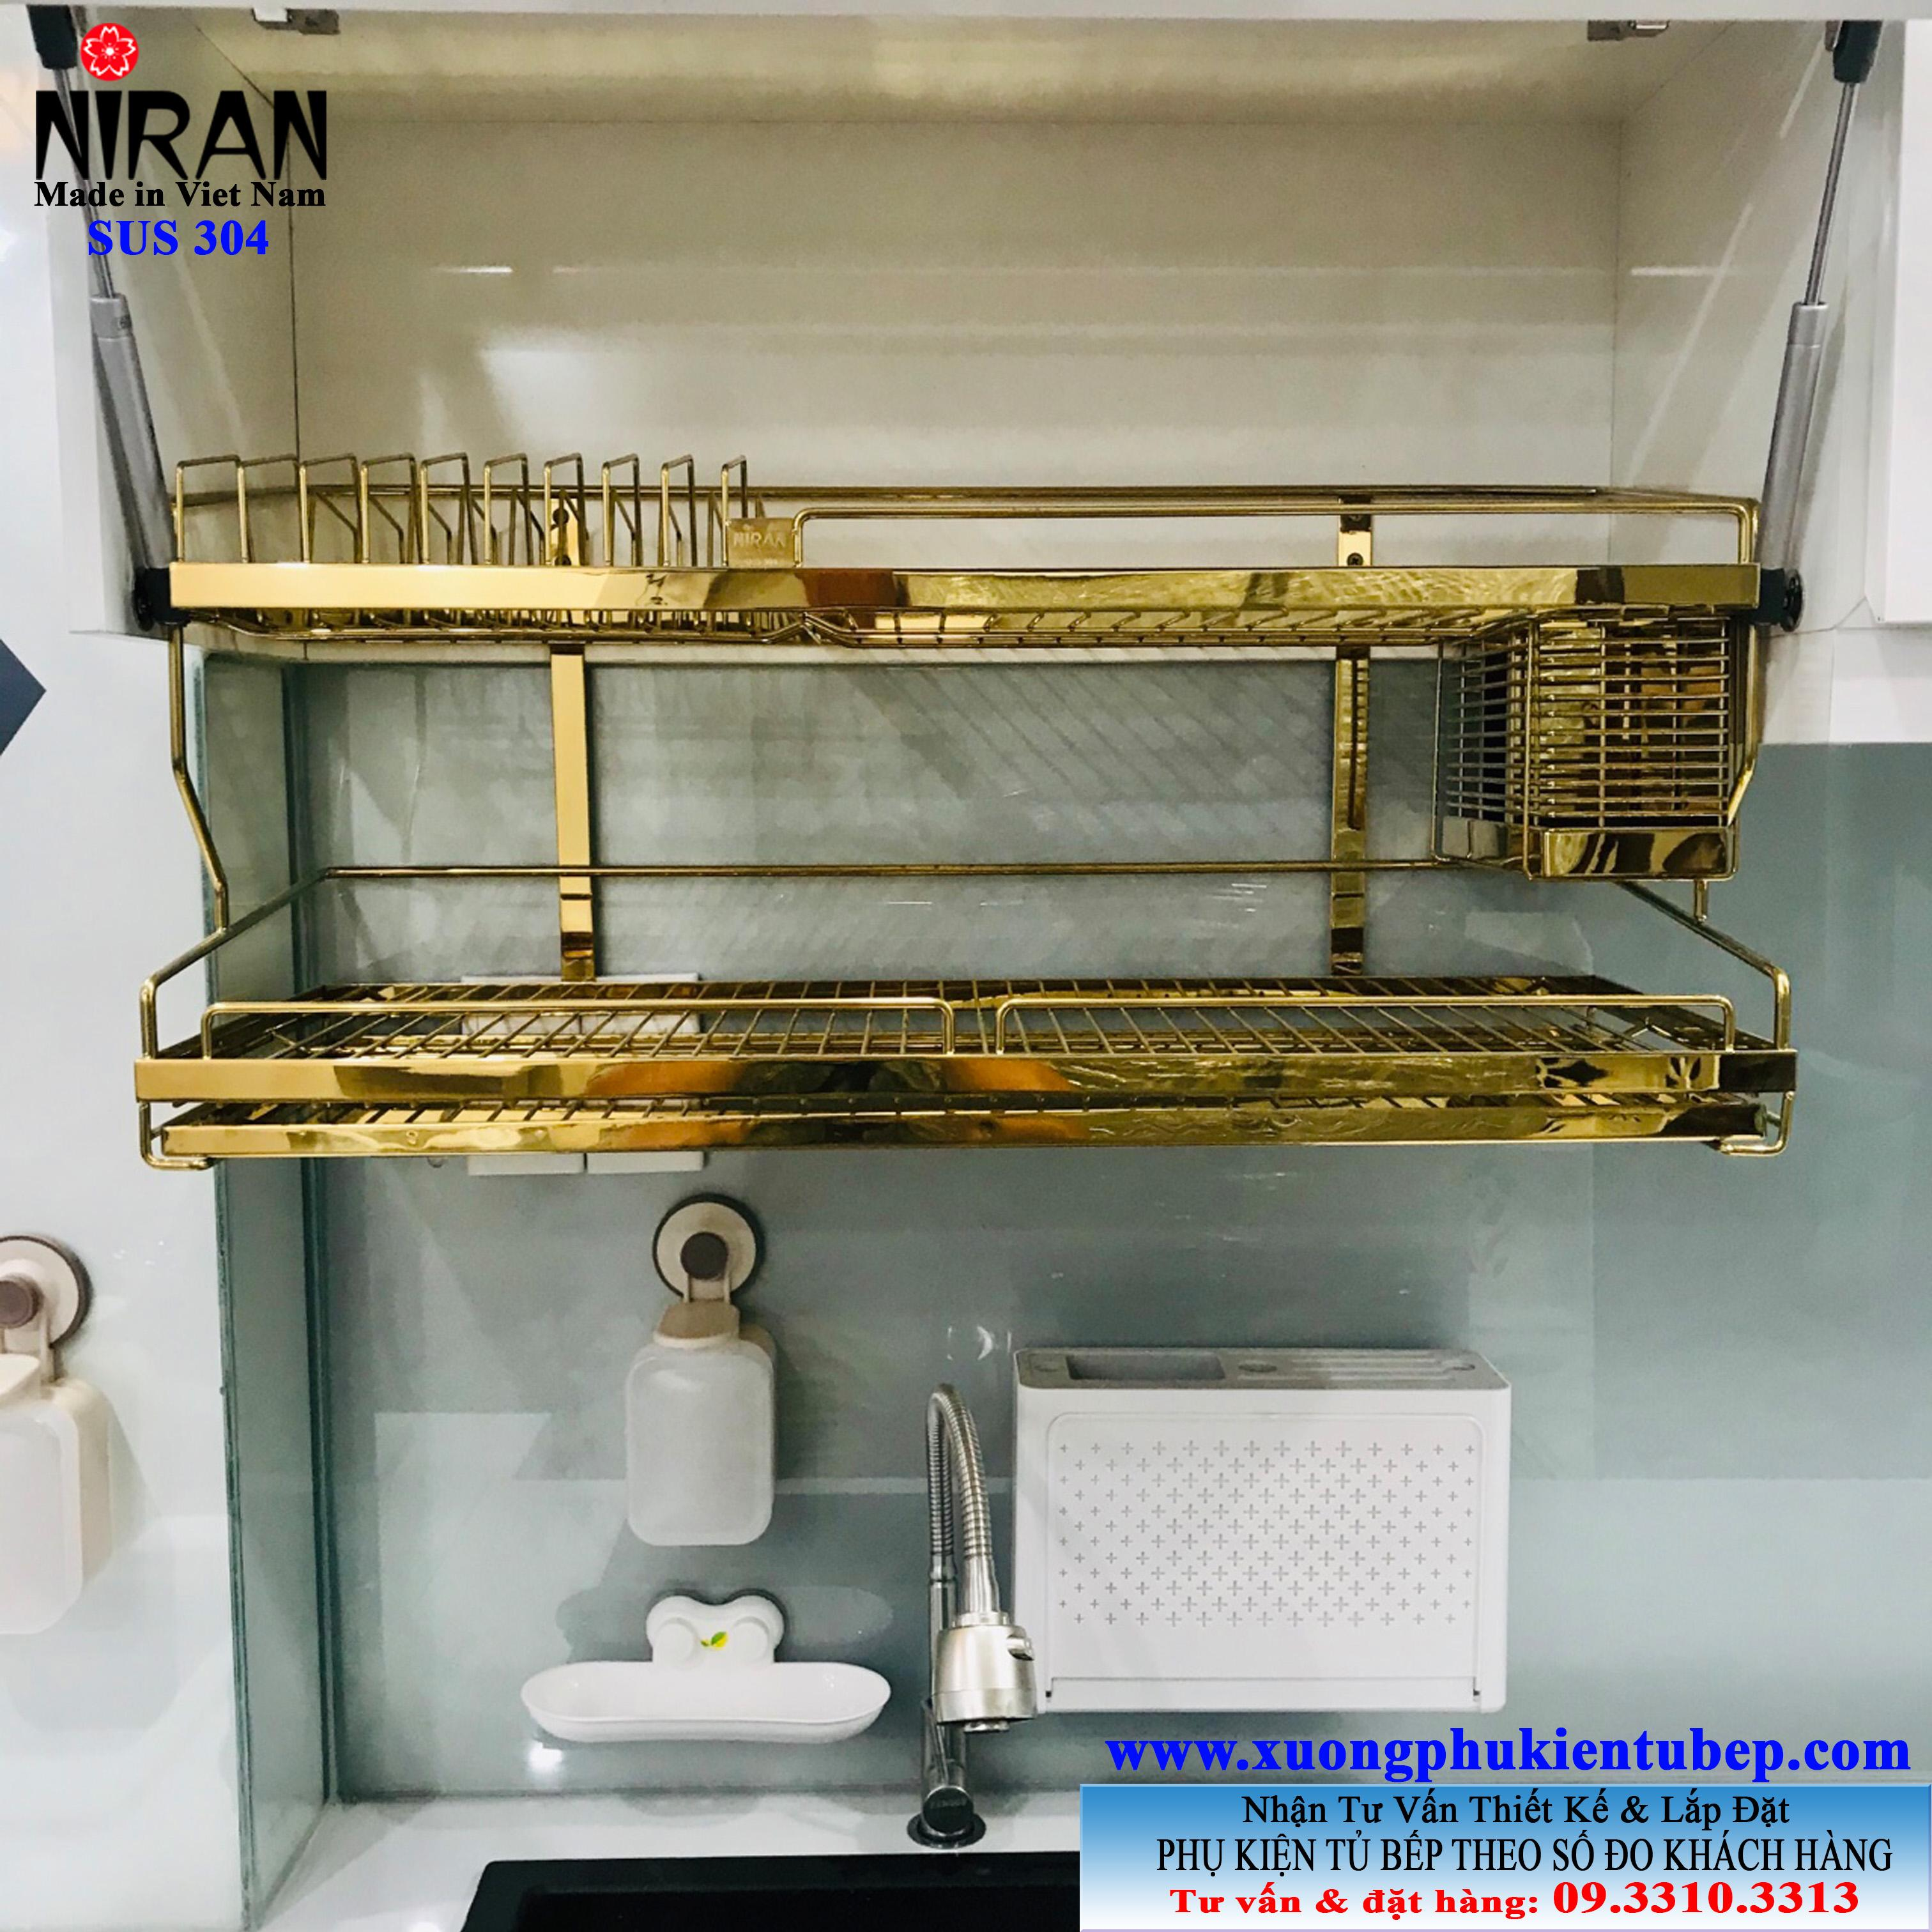 kệ úp chén inox 304 2 tầng vàng gold